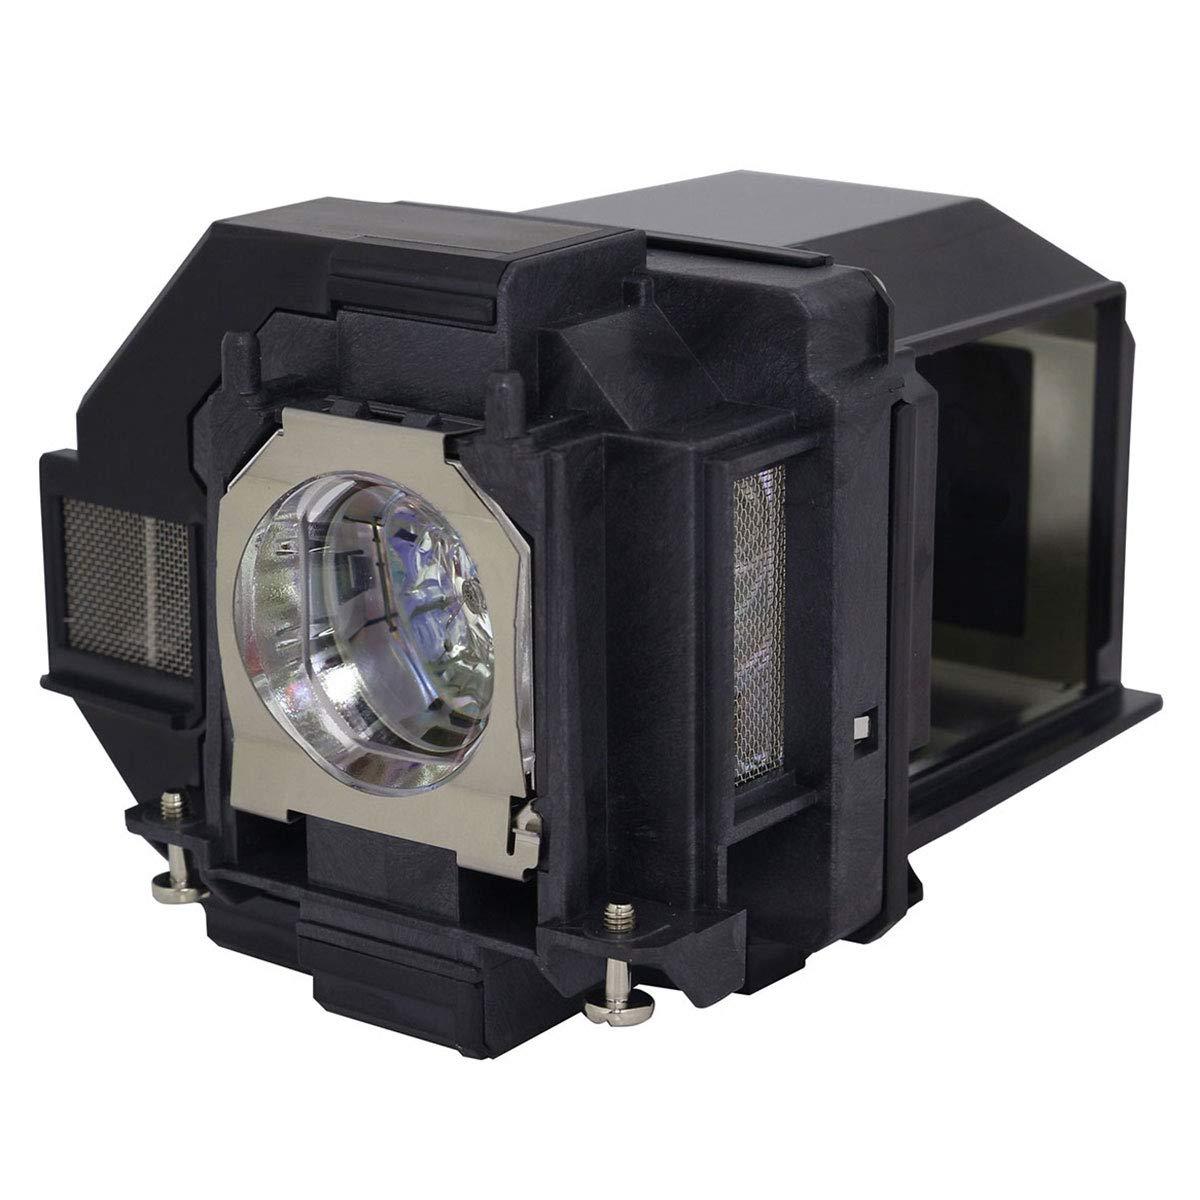 オリジナルフィリップスプロジェクター交換用ランプ Epson Pro EX7260用 Platinum (Brighter/Durable) Platinum (Brighter/Durable) Lamp with Housing B07L2C2Z8H